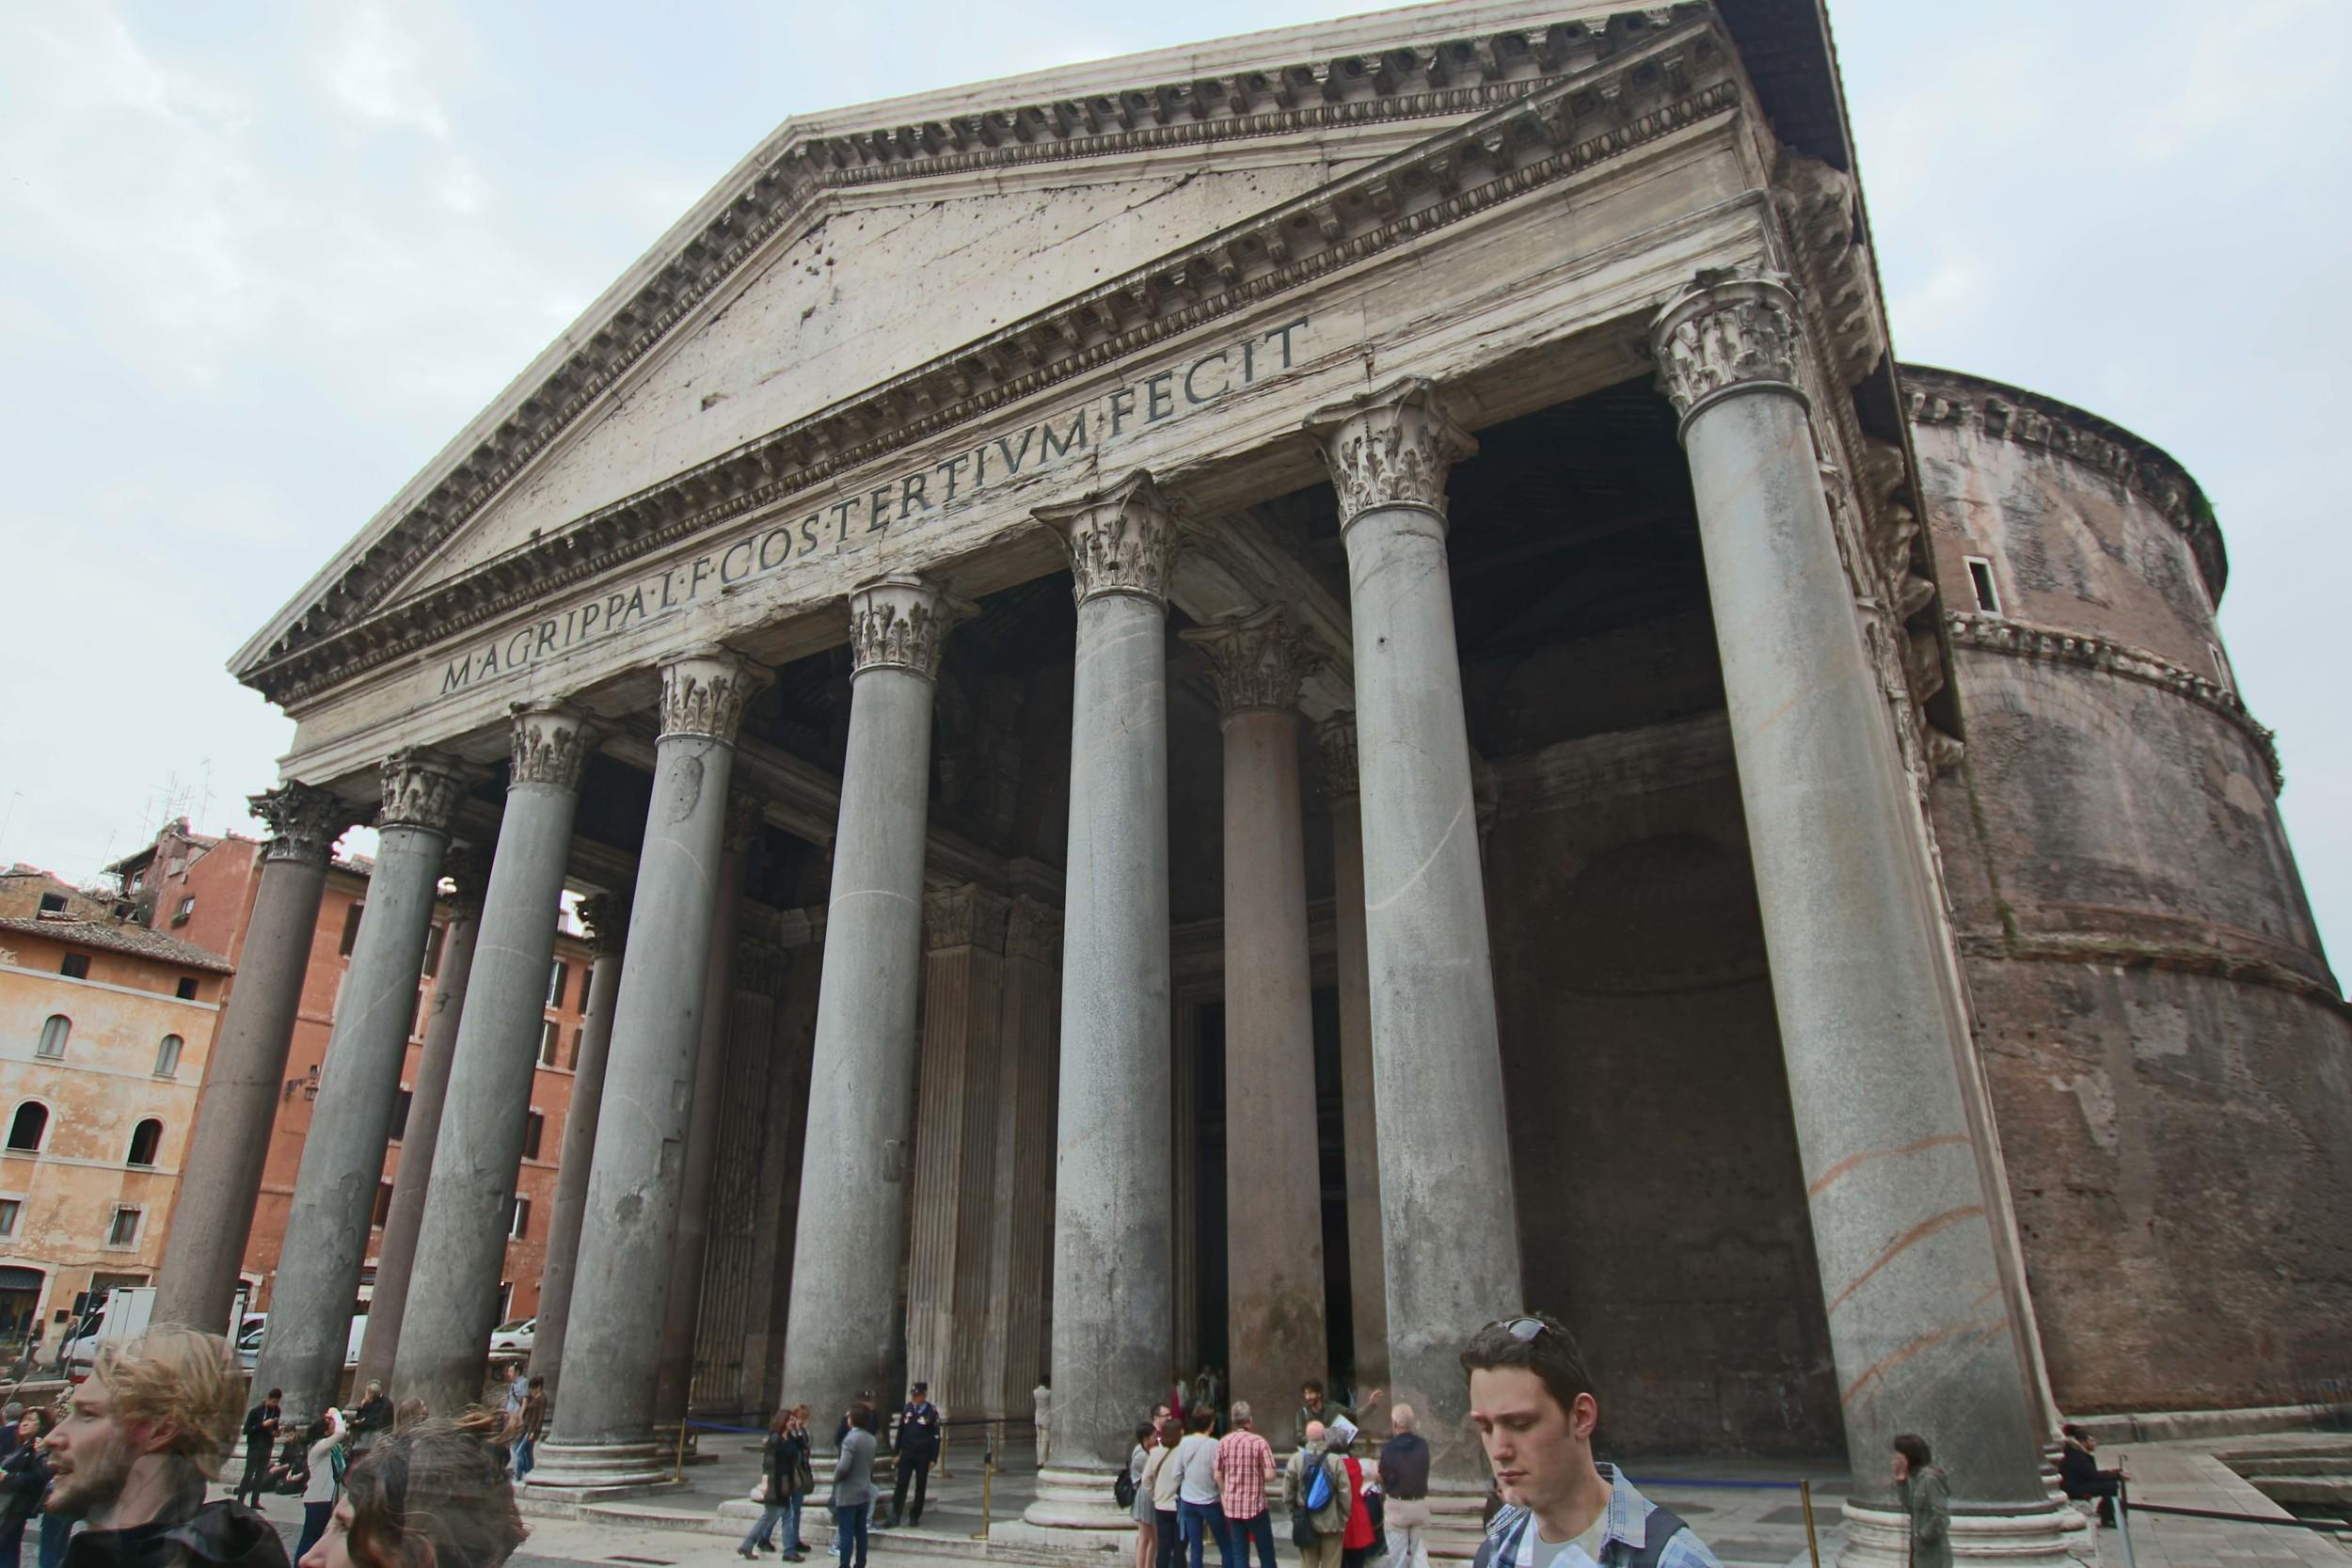 Those columns are massive!